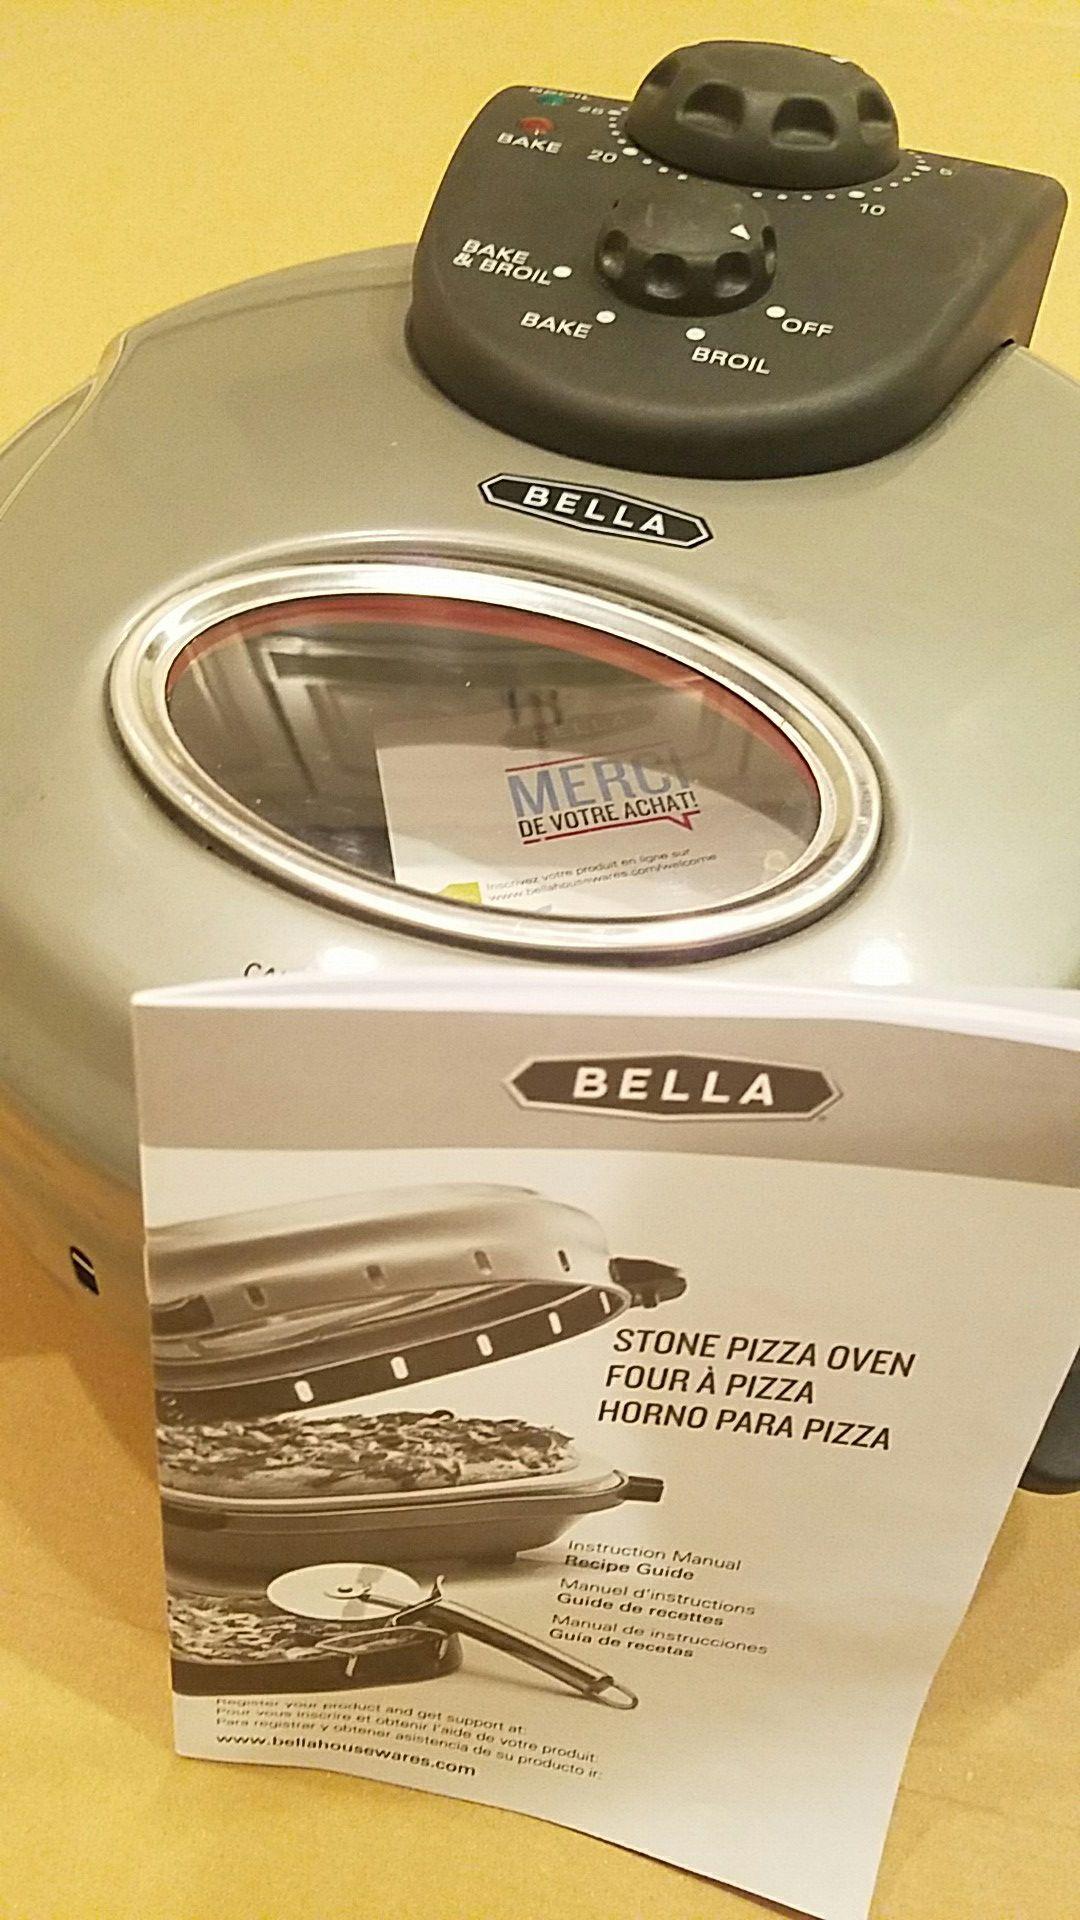 Bella - Stone Pizza Oven